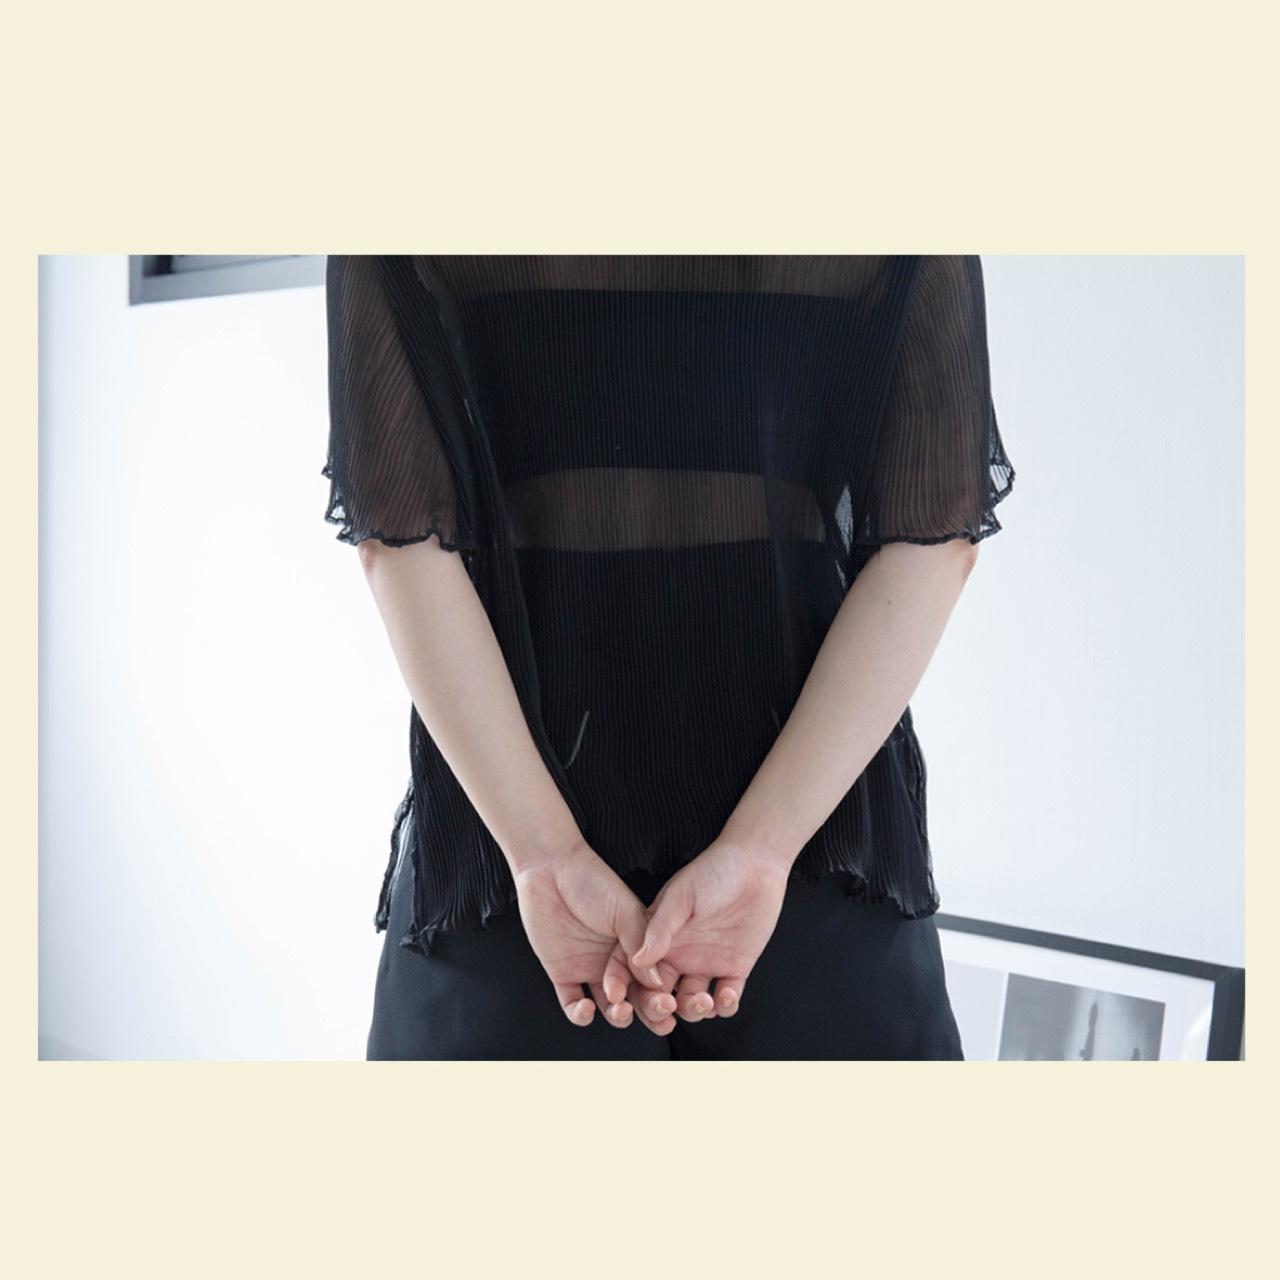 เสื้อชีฟองอัดพลีท_1